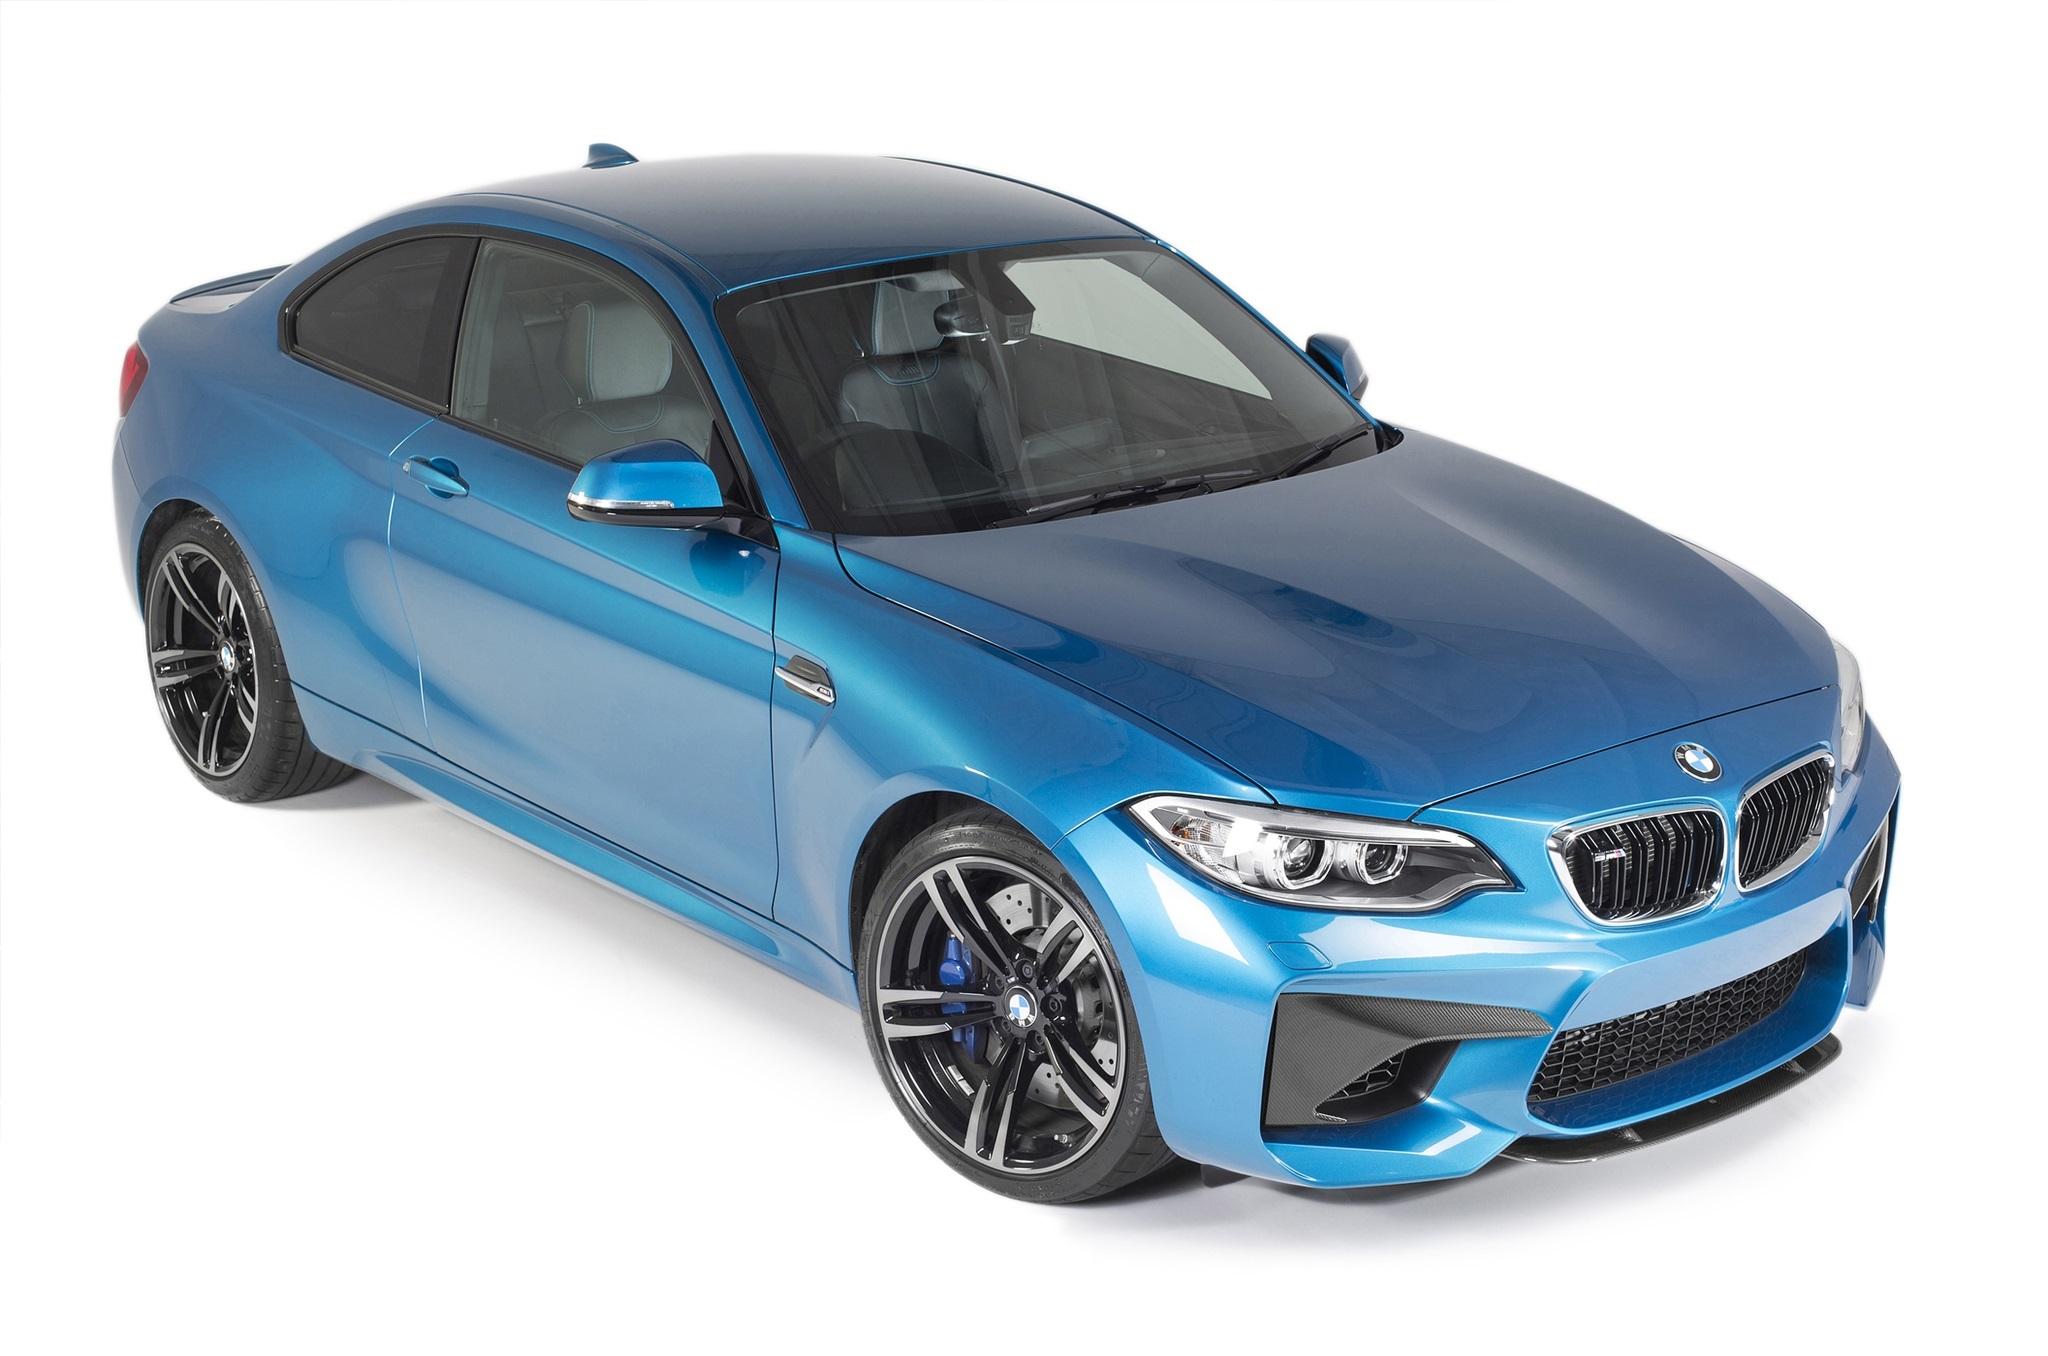 Sterckenn Carbon Fiber front splitter for BMW M2 F87 new model